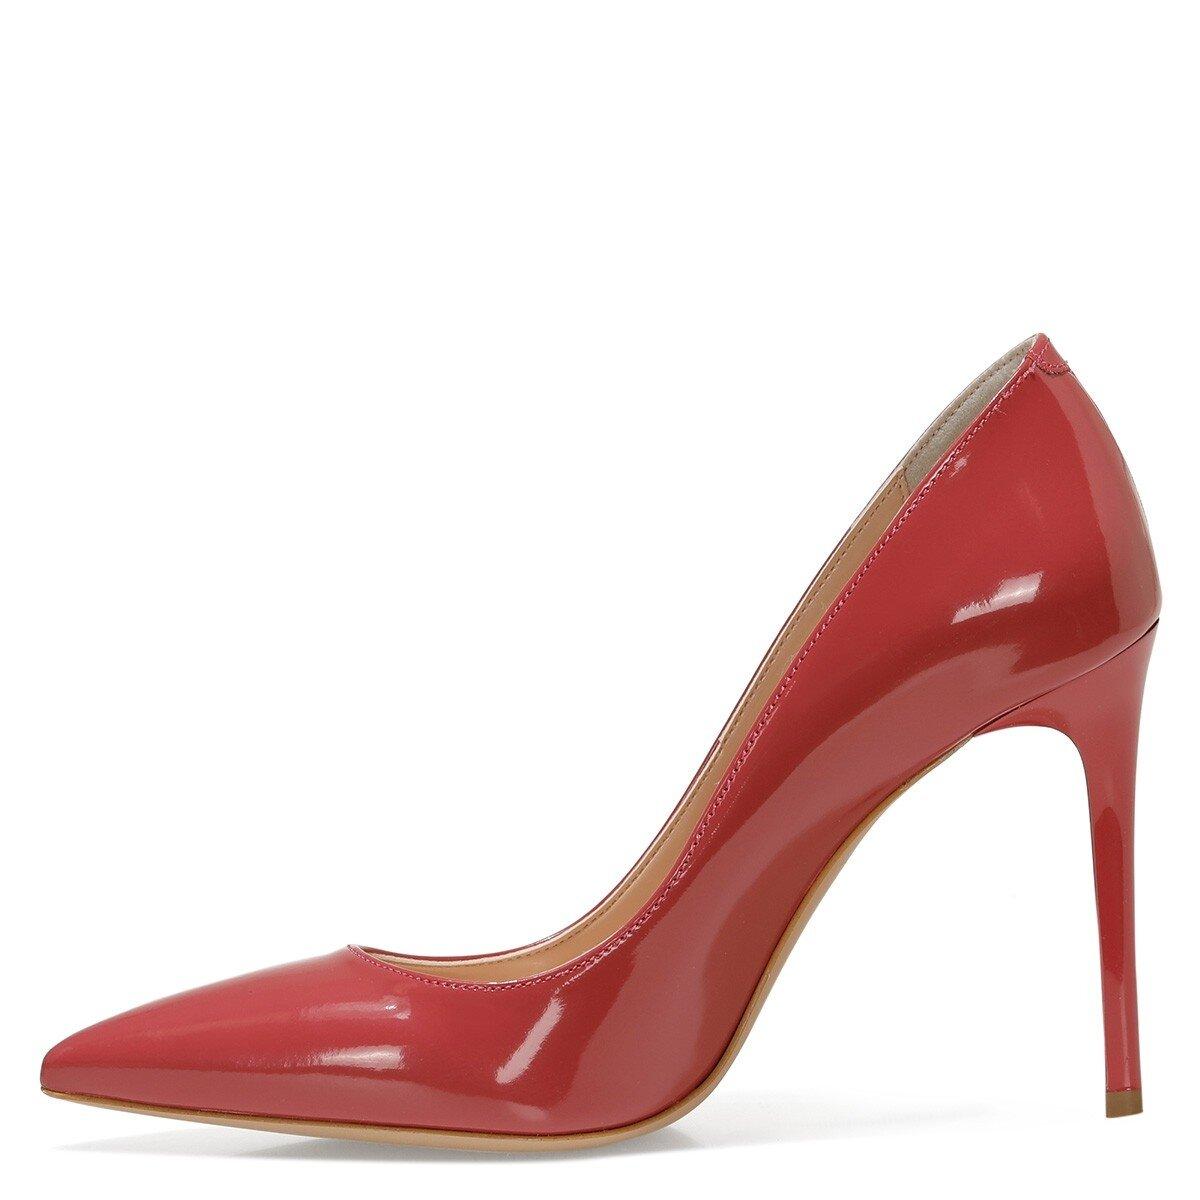 SUNDE 1FX Açık Kırmızı Kadın Gova Ayakkabı